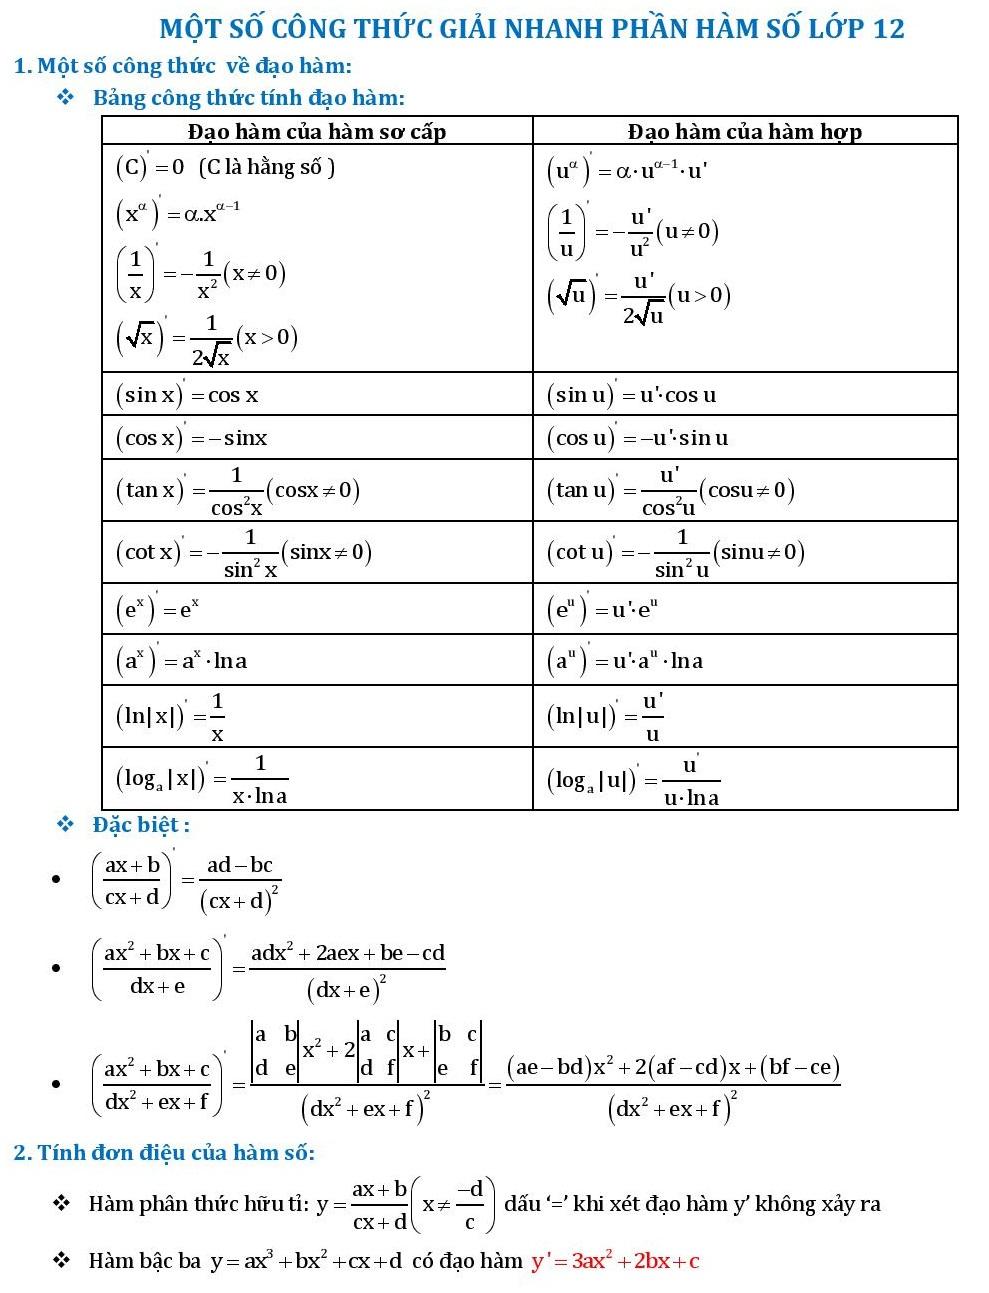 21 công thức giải nhanh phần Hàm số (1).jpg